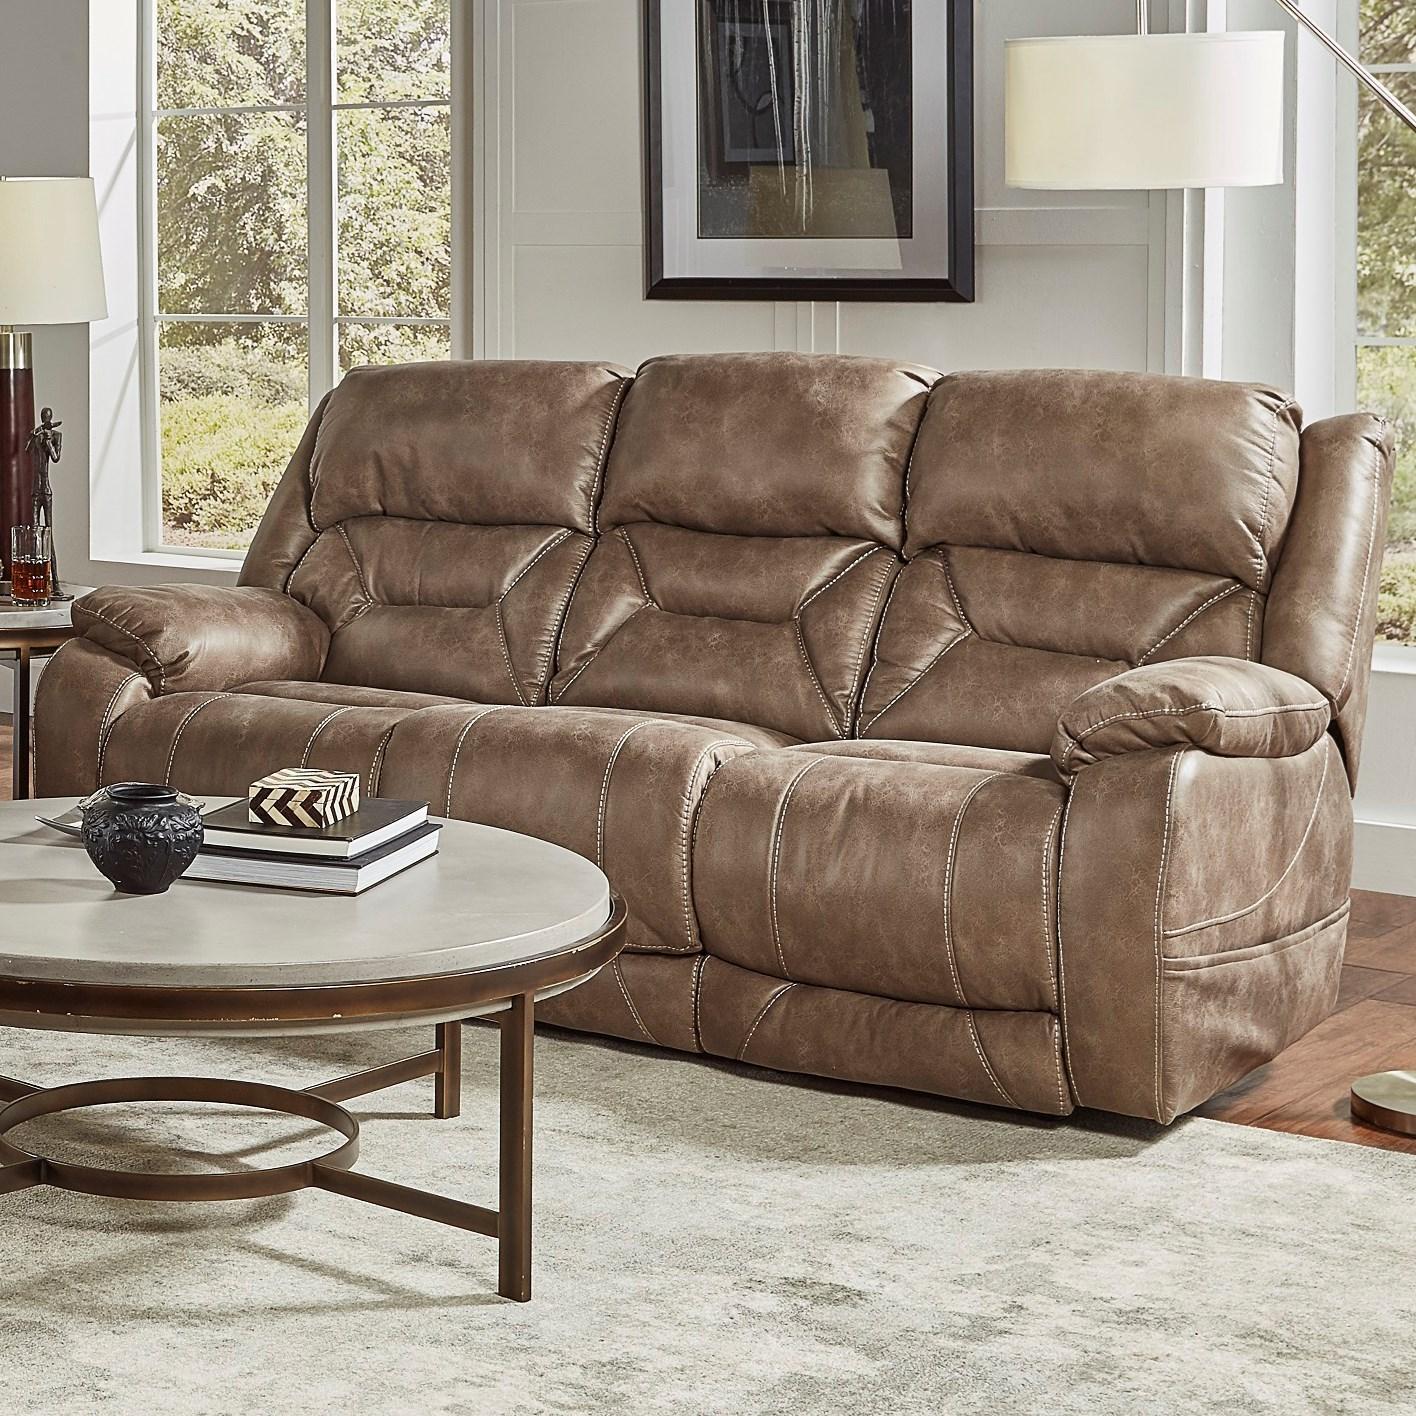 94807 Power Headrest Sofa with Lumbar at Virginia Furniture Market